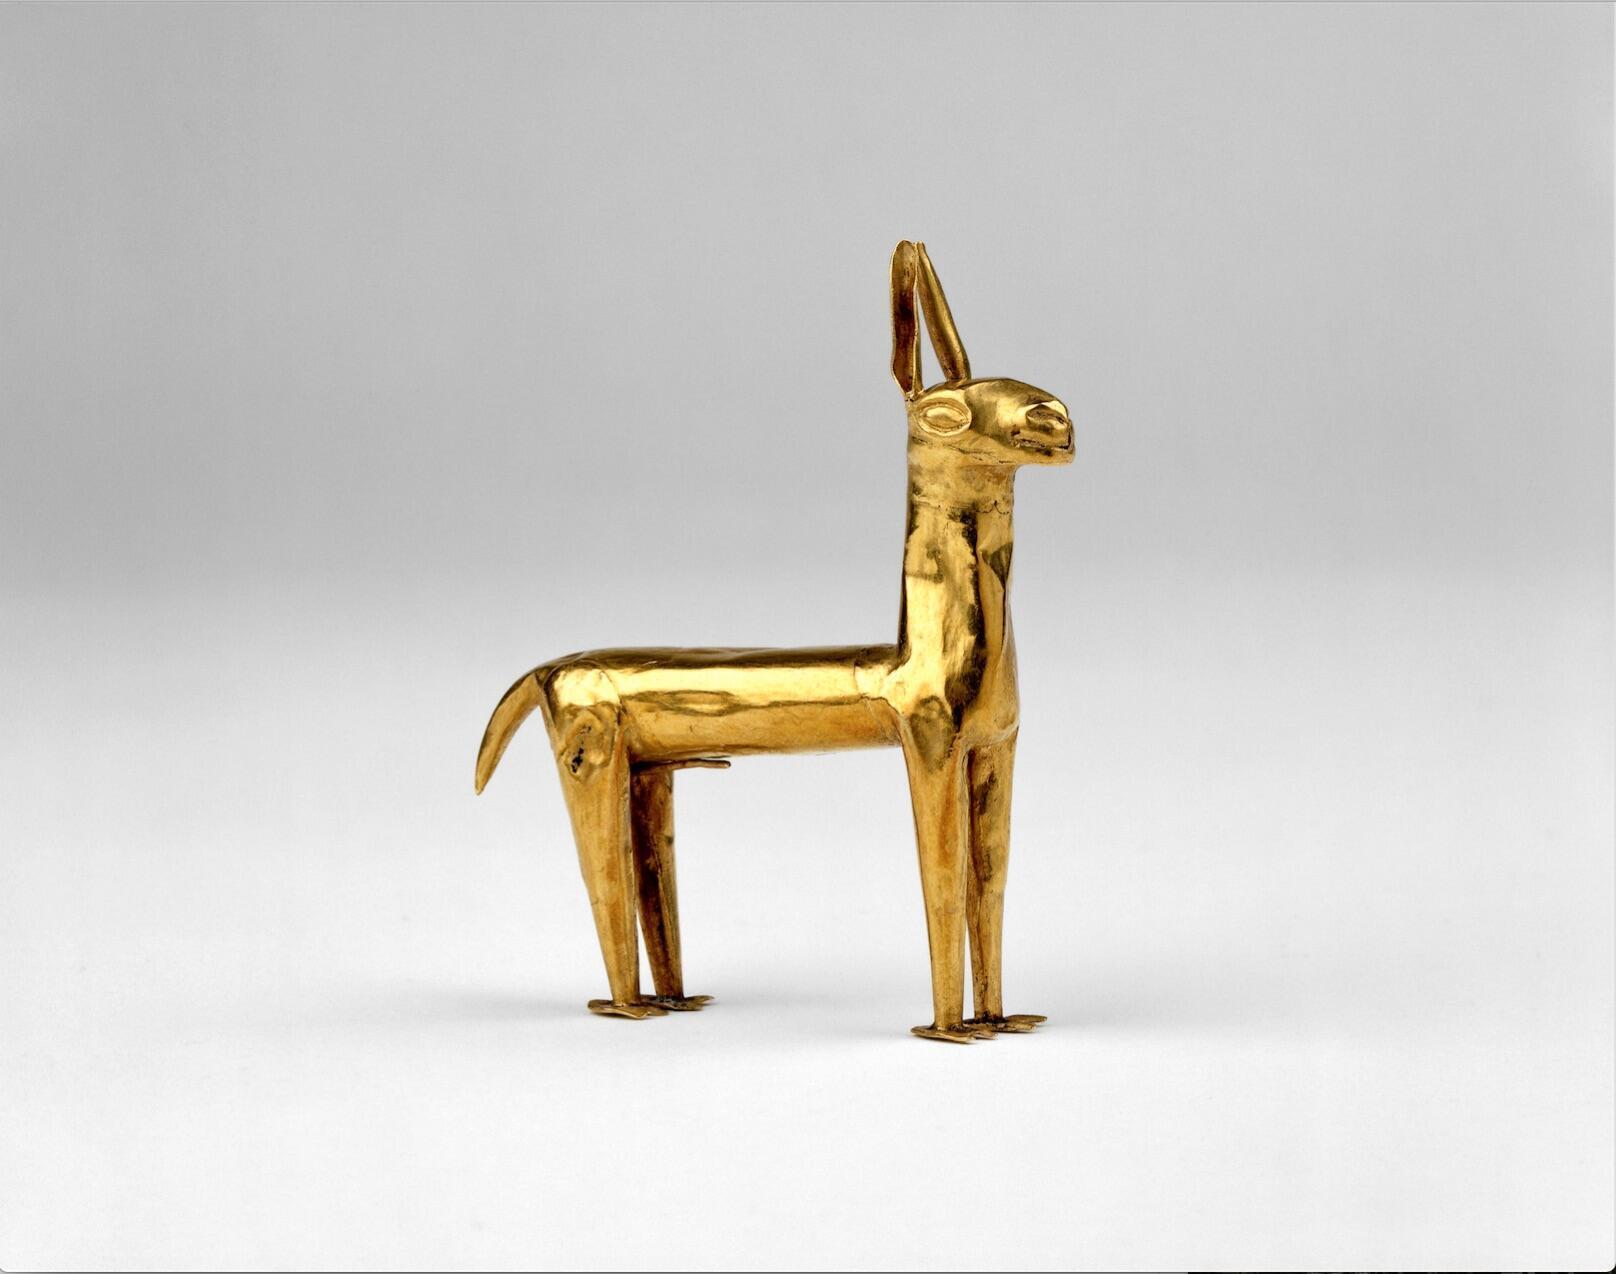 Diminuta lama inca en oro, 1400 -1550 D.C. Perú.